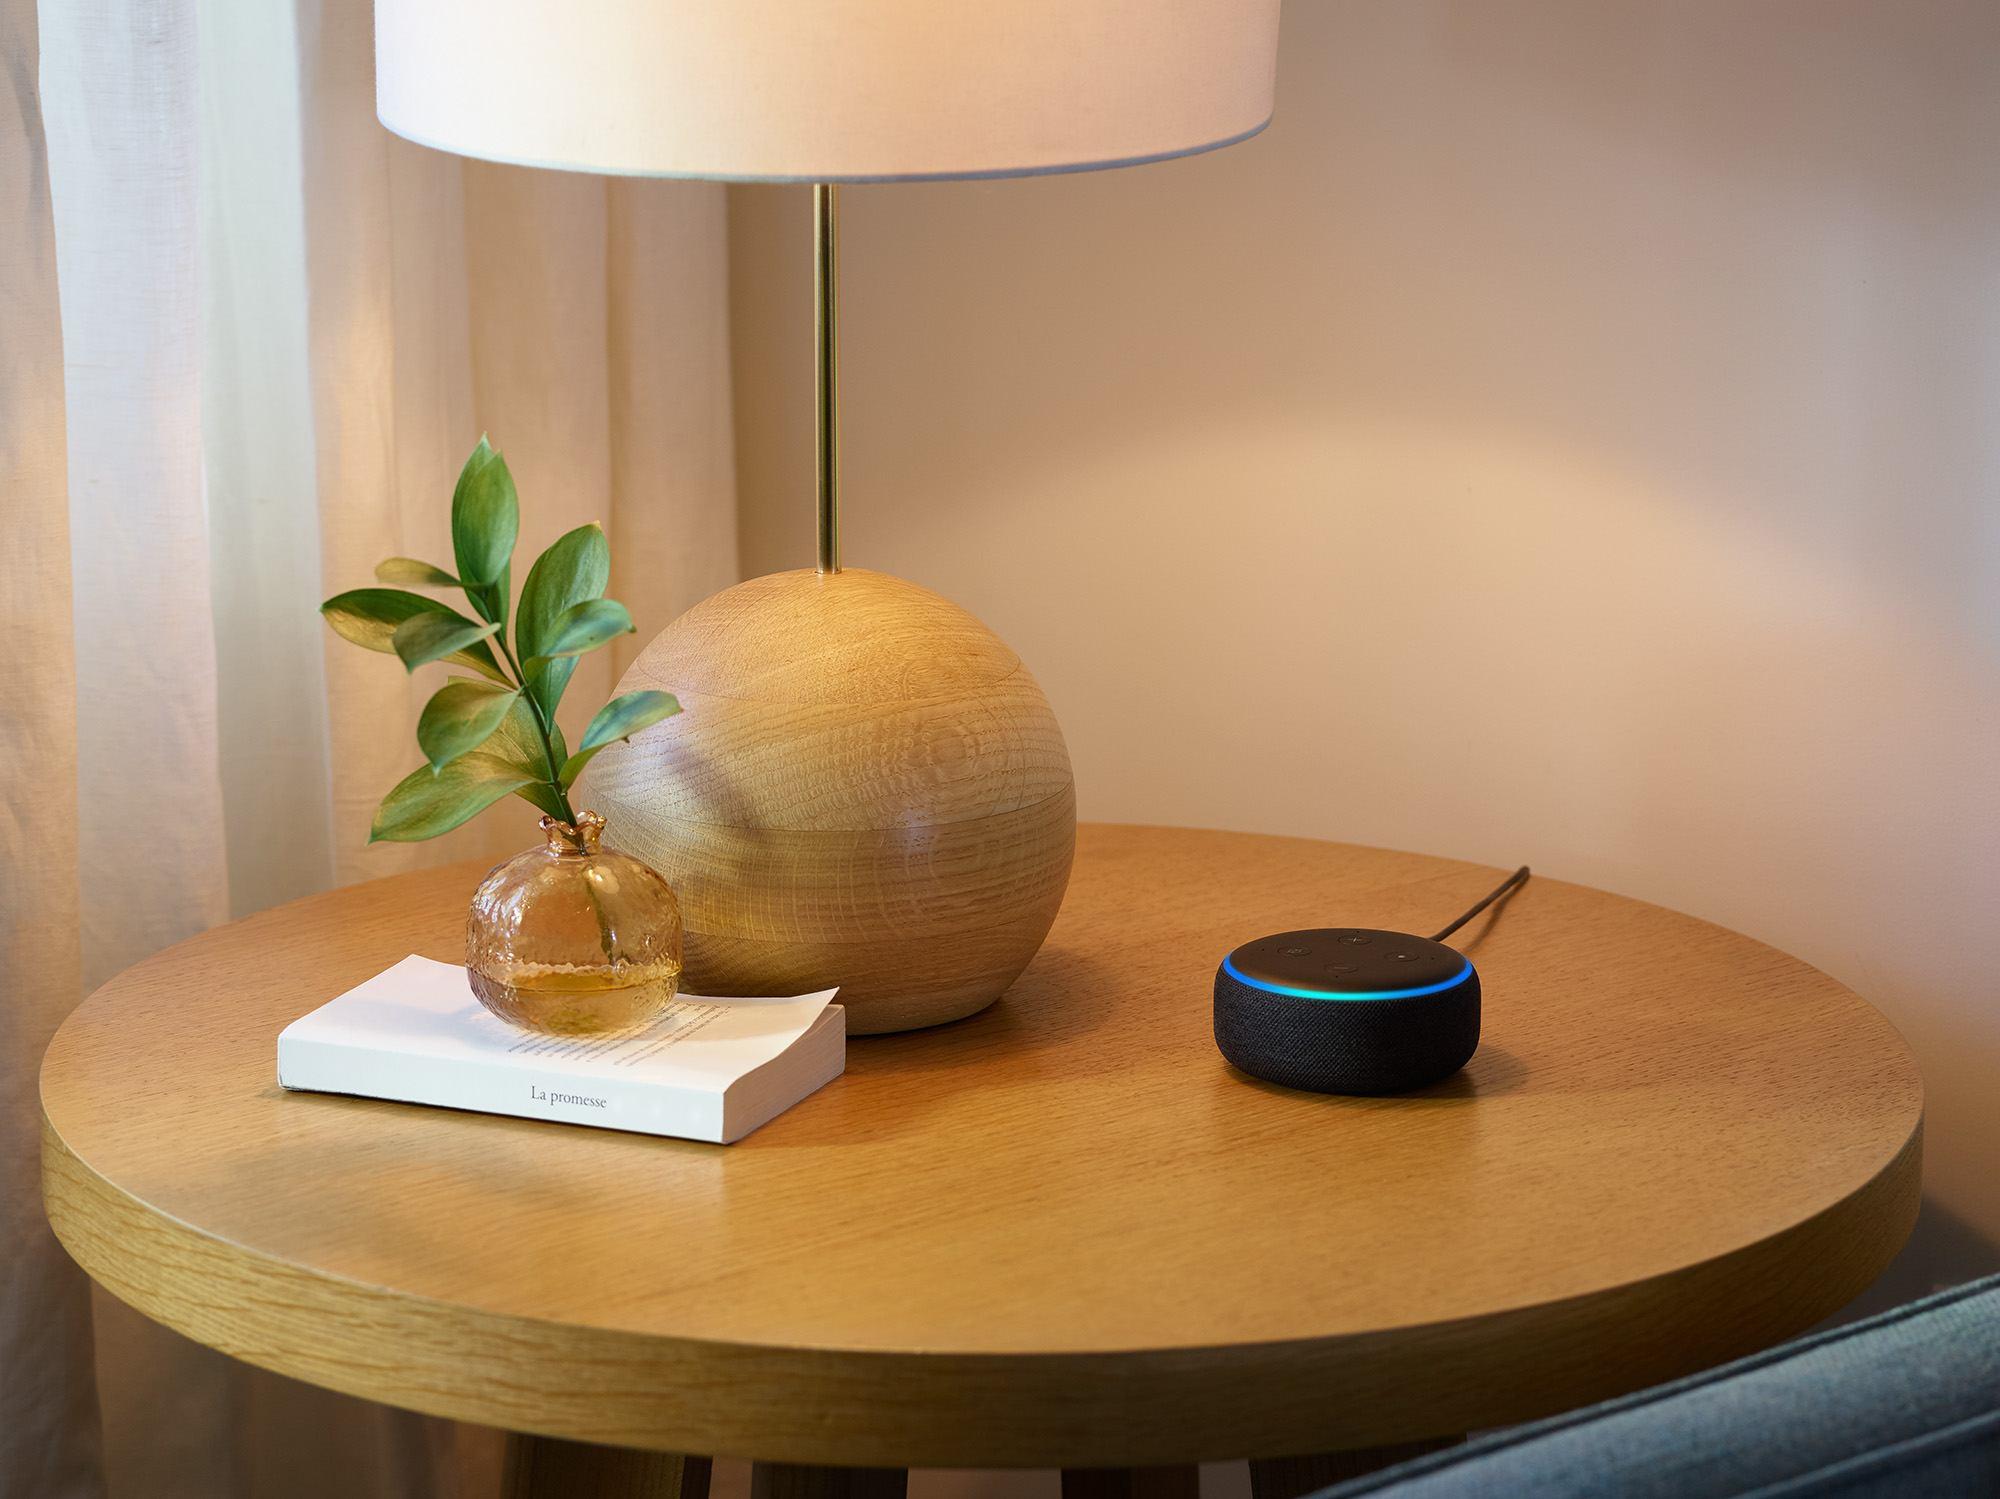 Der Echo Dot steht auf einem kleinen Tisch